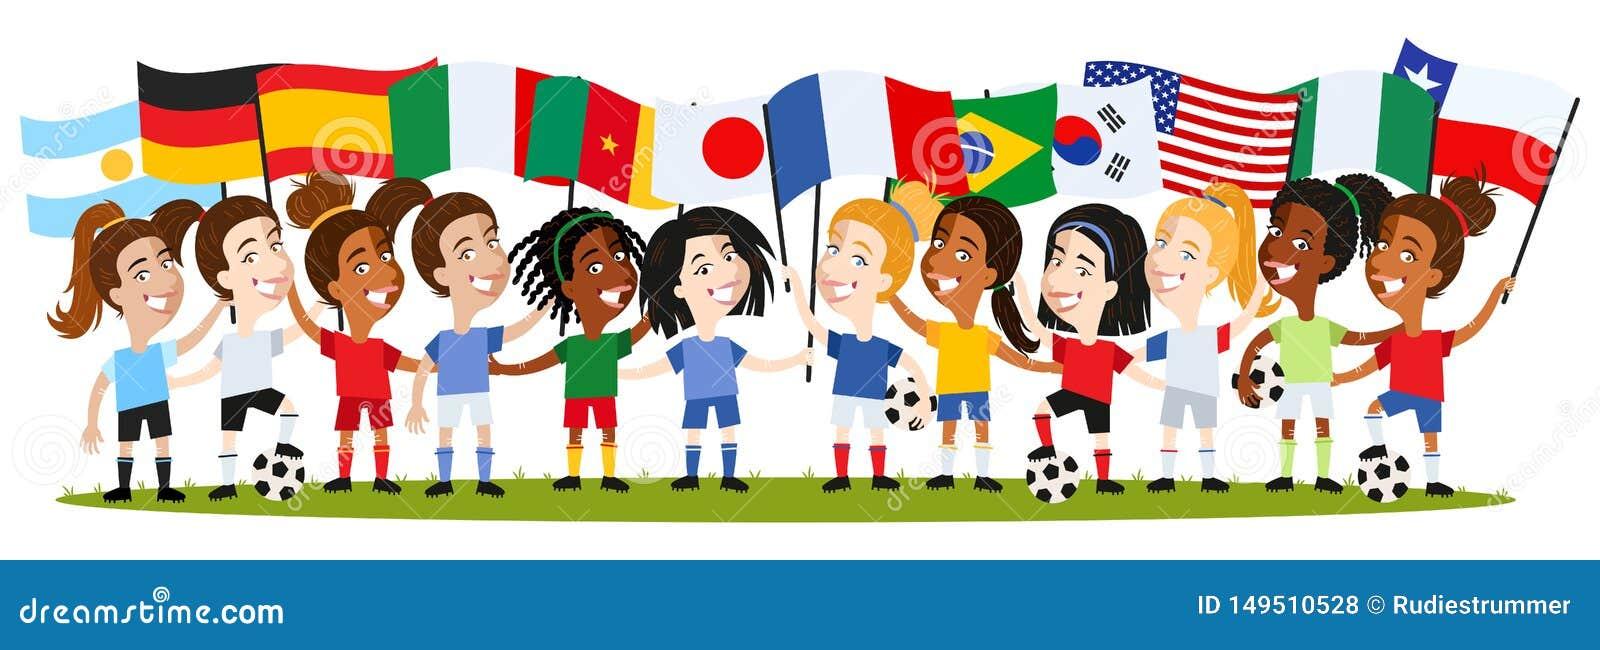 Kvinnors fotboll, grupp av kvinnliga spelare, tecknad filmkvinnor som rymmer nationsflaggor, Tyskland, Frankrike, Spanien, Argent